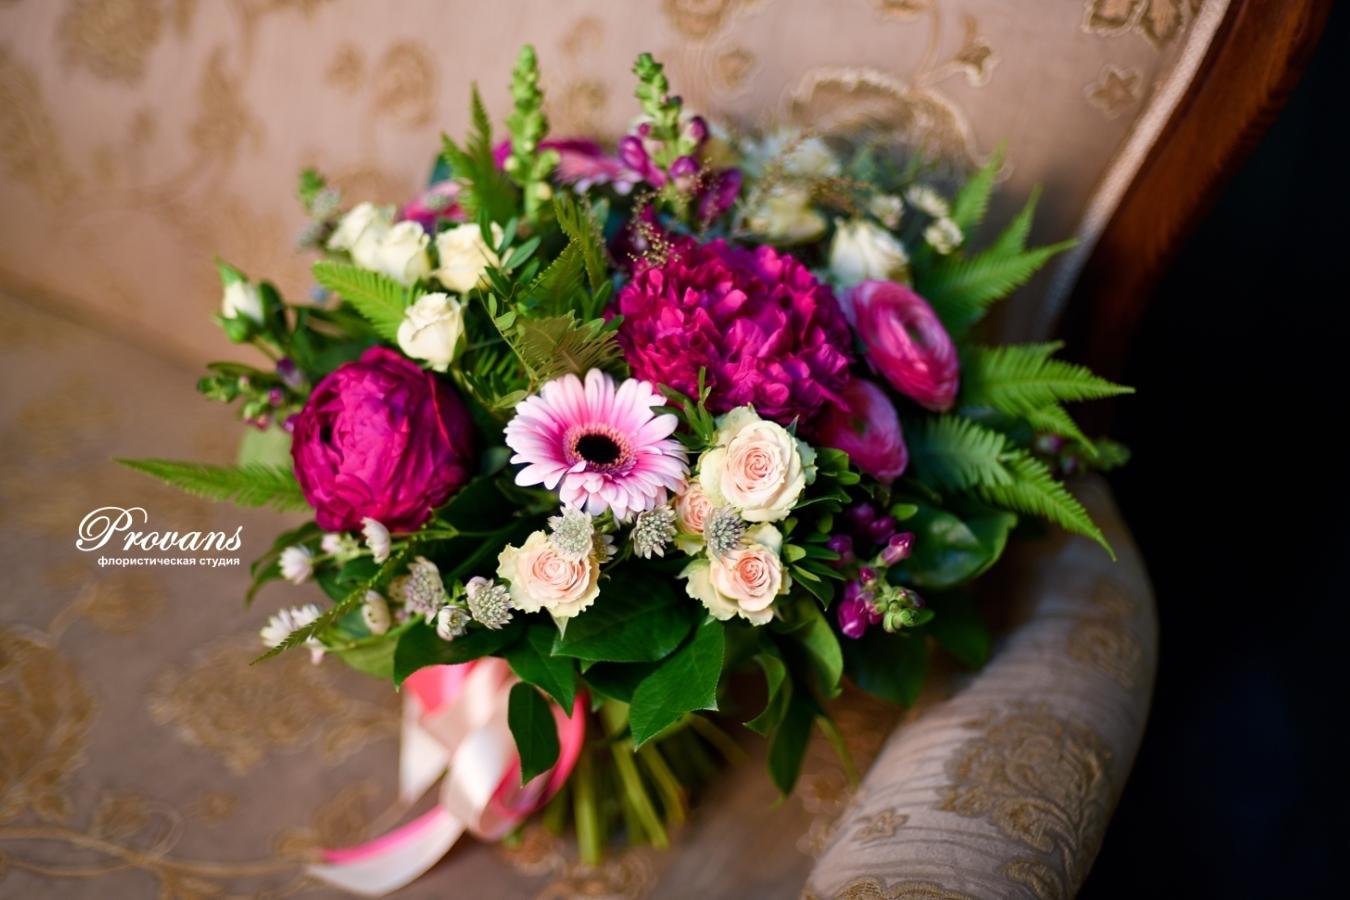 Букет на день рождения. Розы, пионы, герберы, лютики, матиола